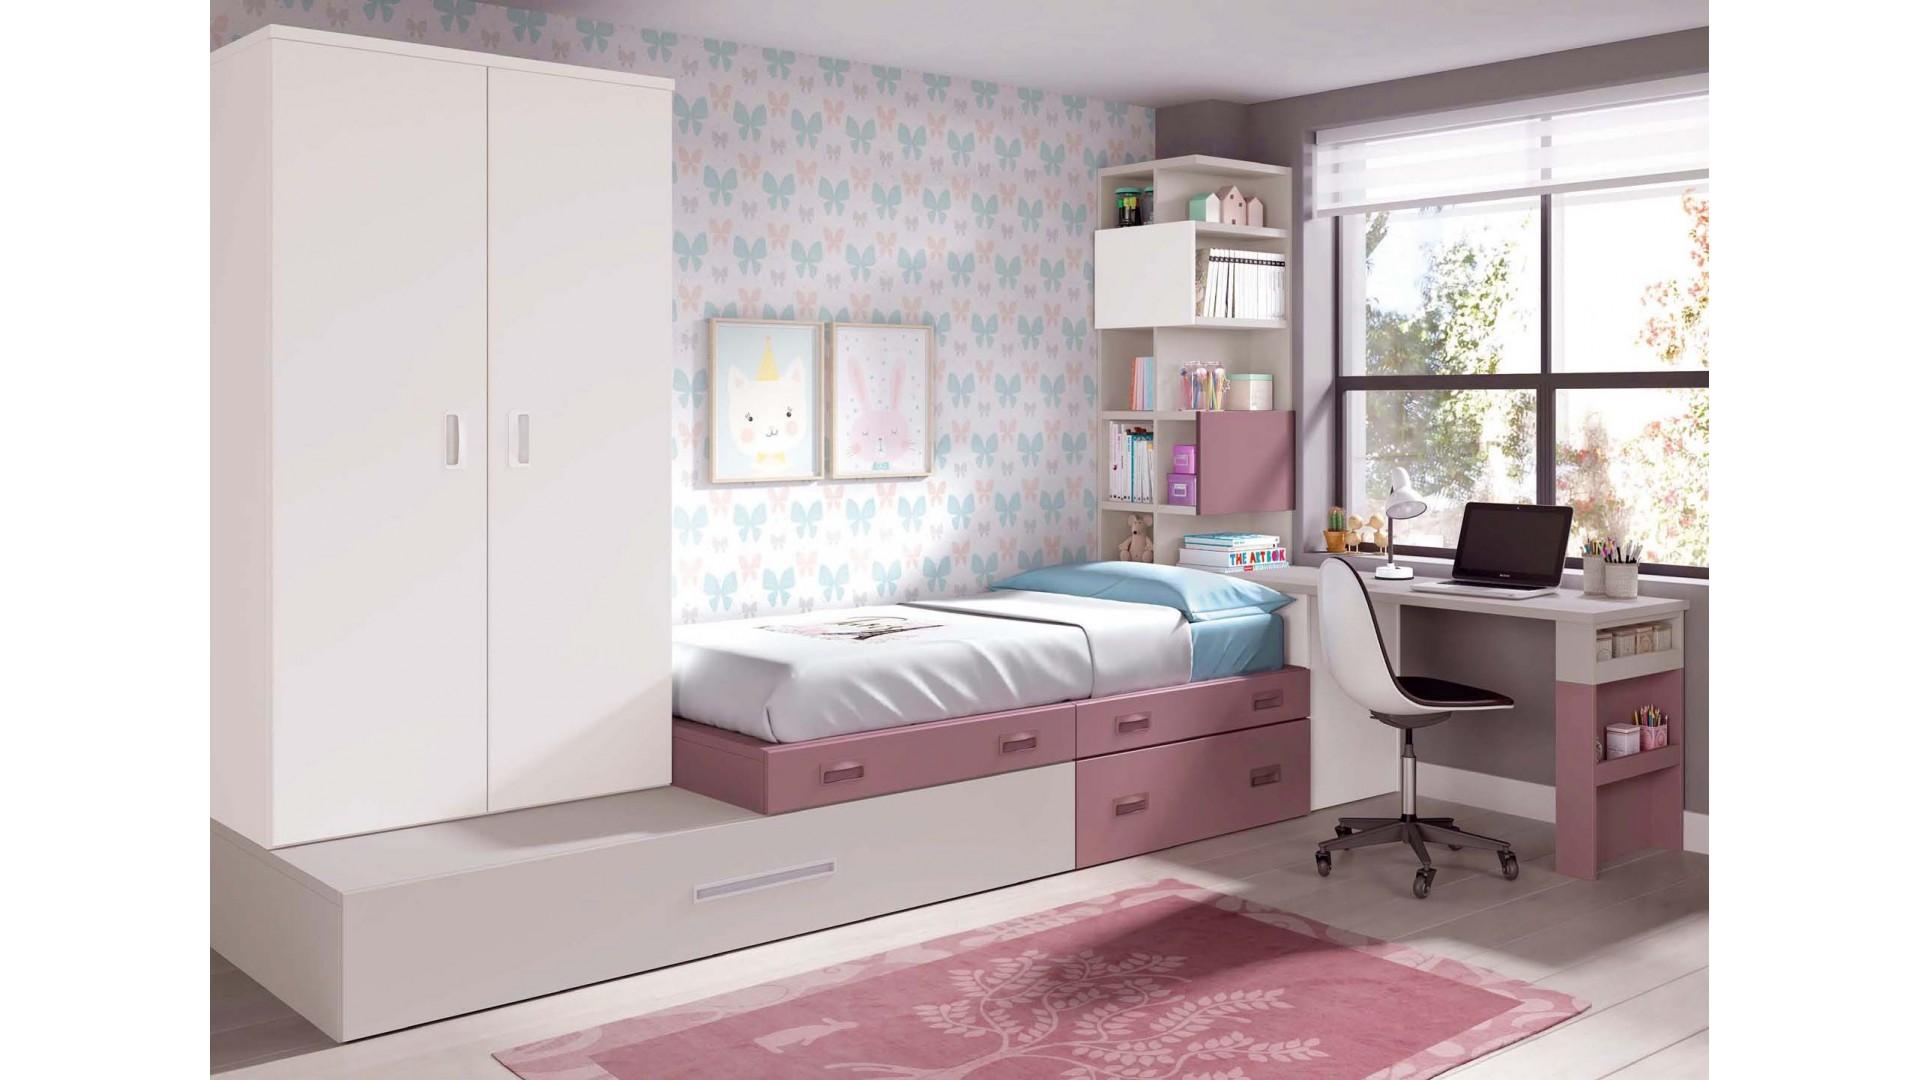 Chambre pour enfant et lit estrade  GLICERIO  SO NUIT